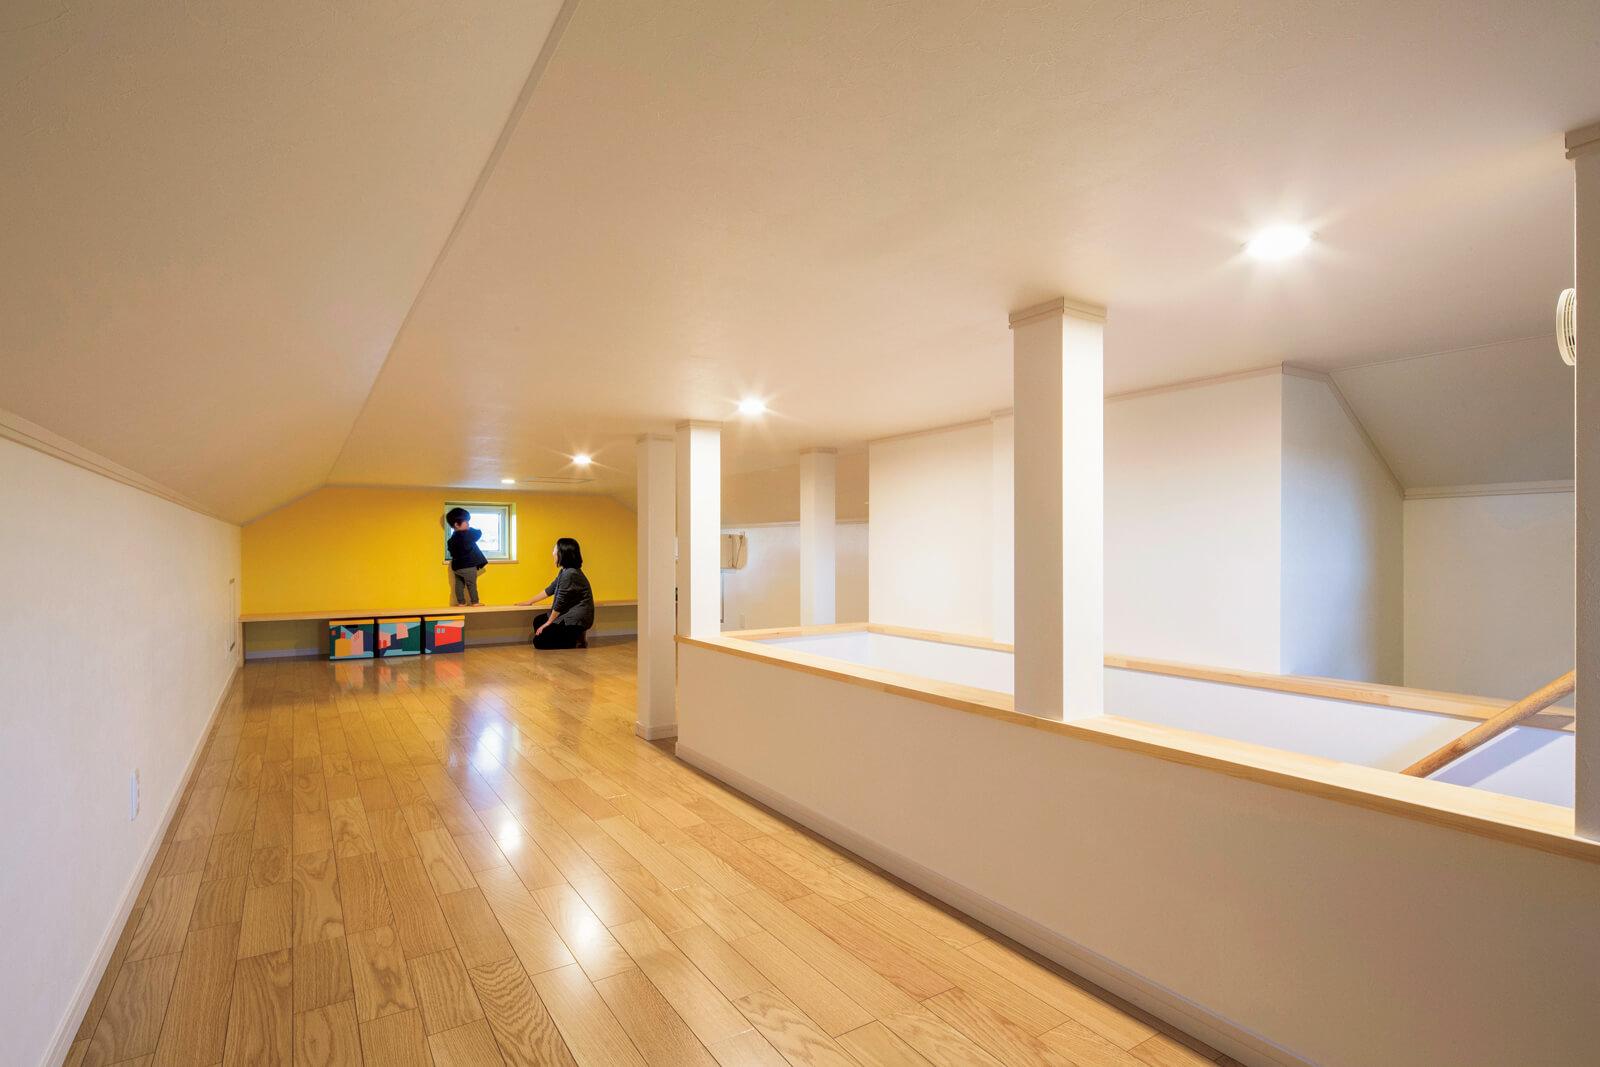 315㎜屋根断熱を施工しているからこそ小屋裏収納がただの物置に終わらず、快適に過ごせる空間となる